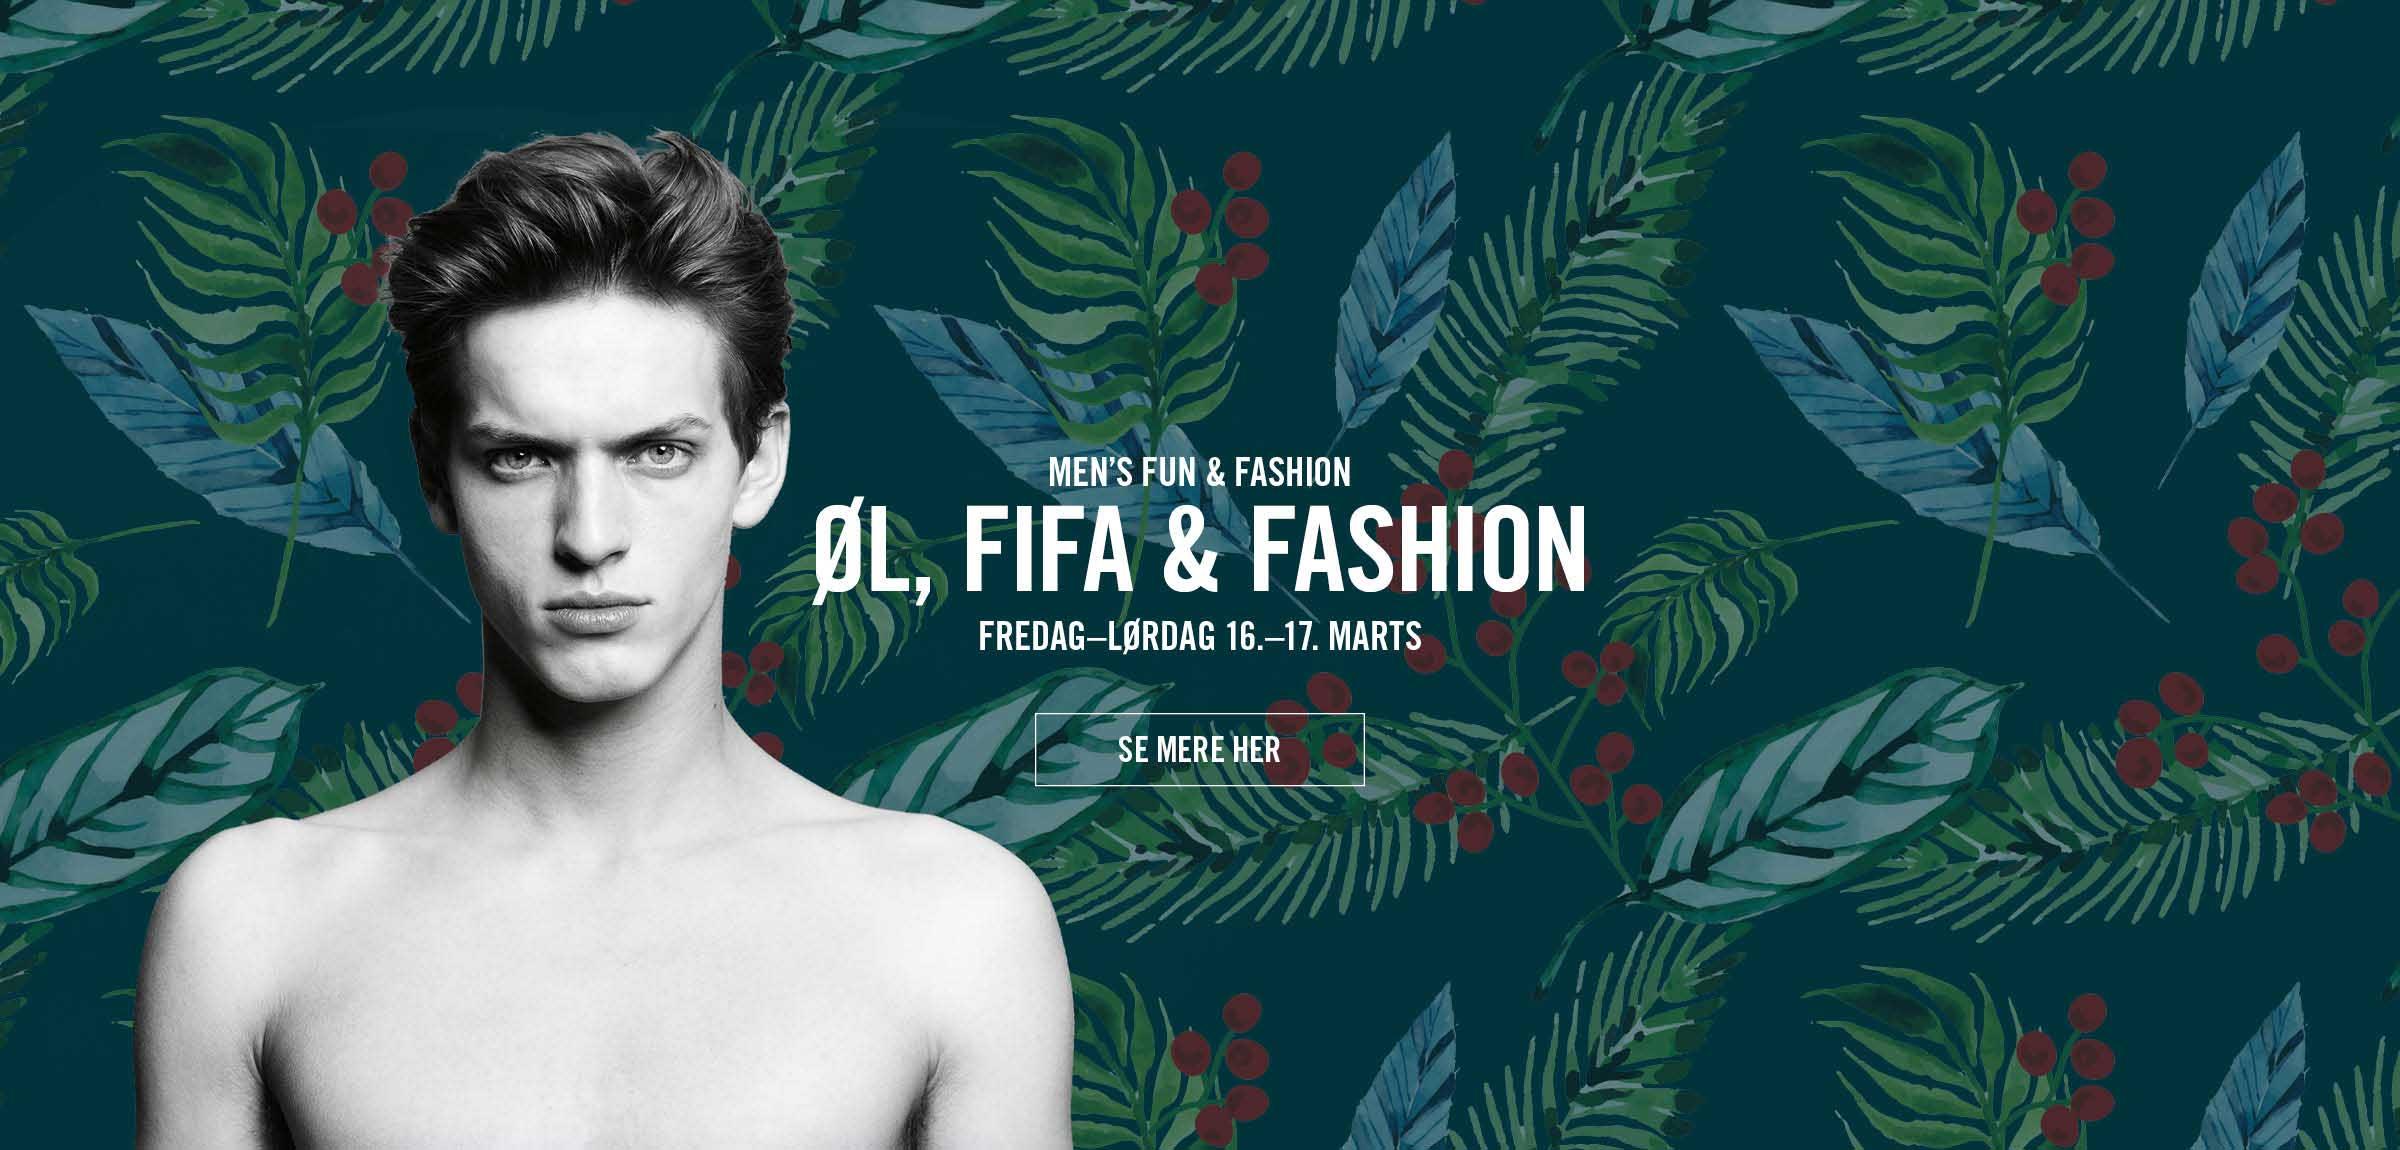 Men's Fun & Fashion